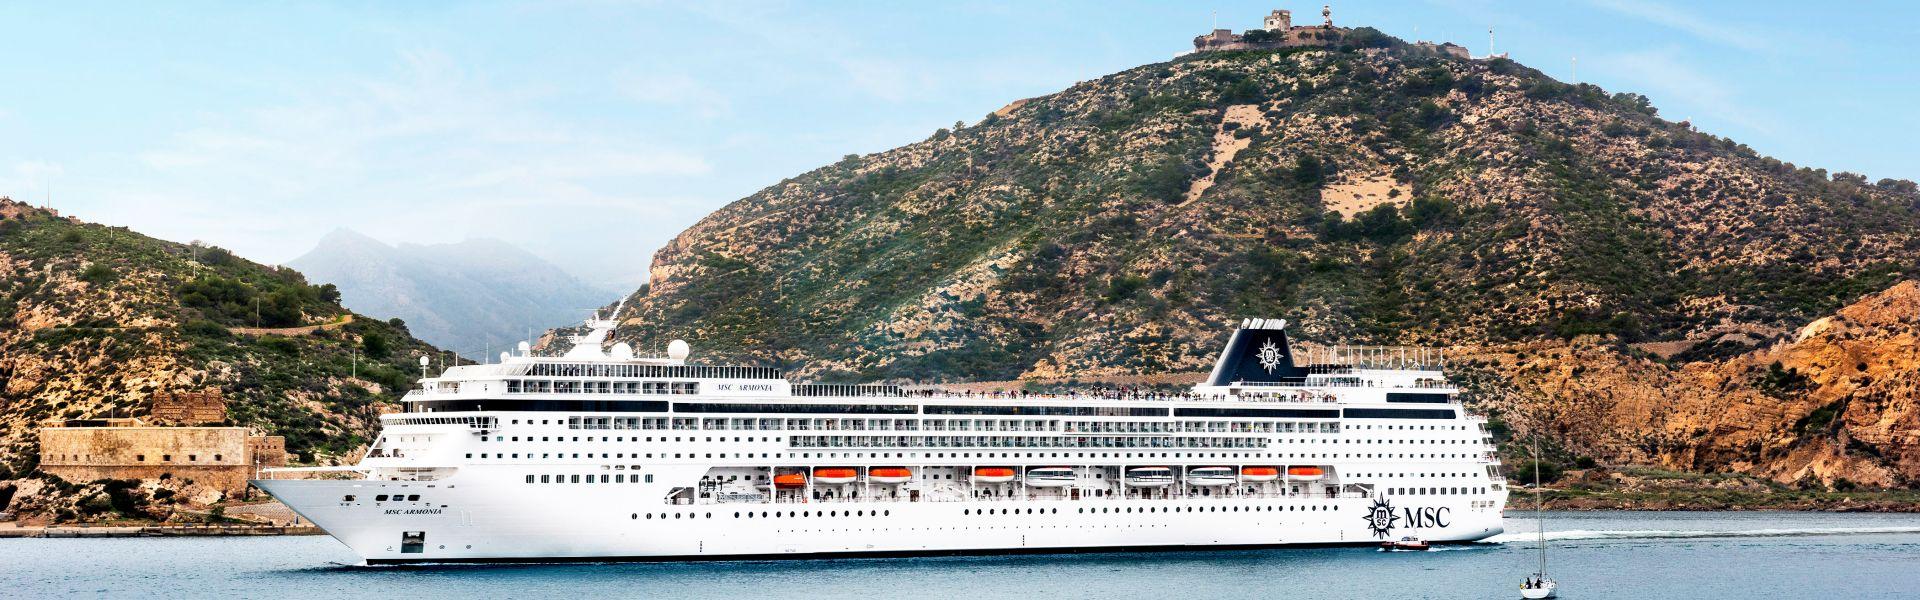 Croaziera de Grup Organizat cu Zbor Inclus 2018 - Cuba (Havana) - MSC Cruises - MSC Armonia - 12 nopti